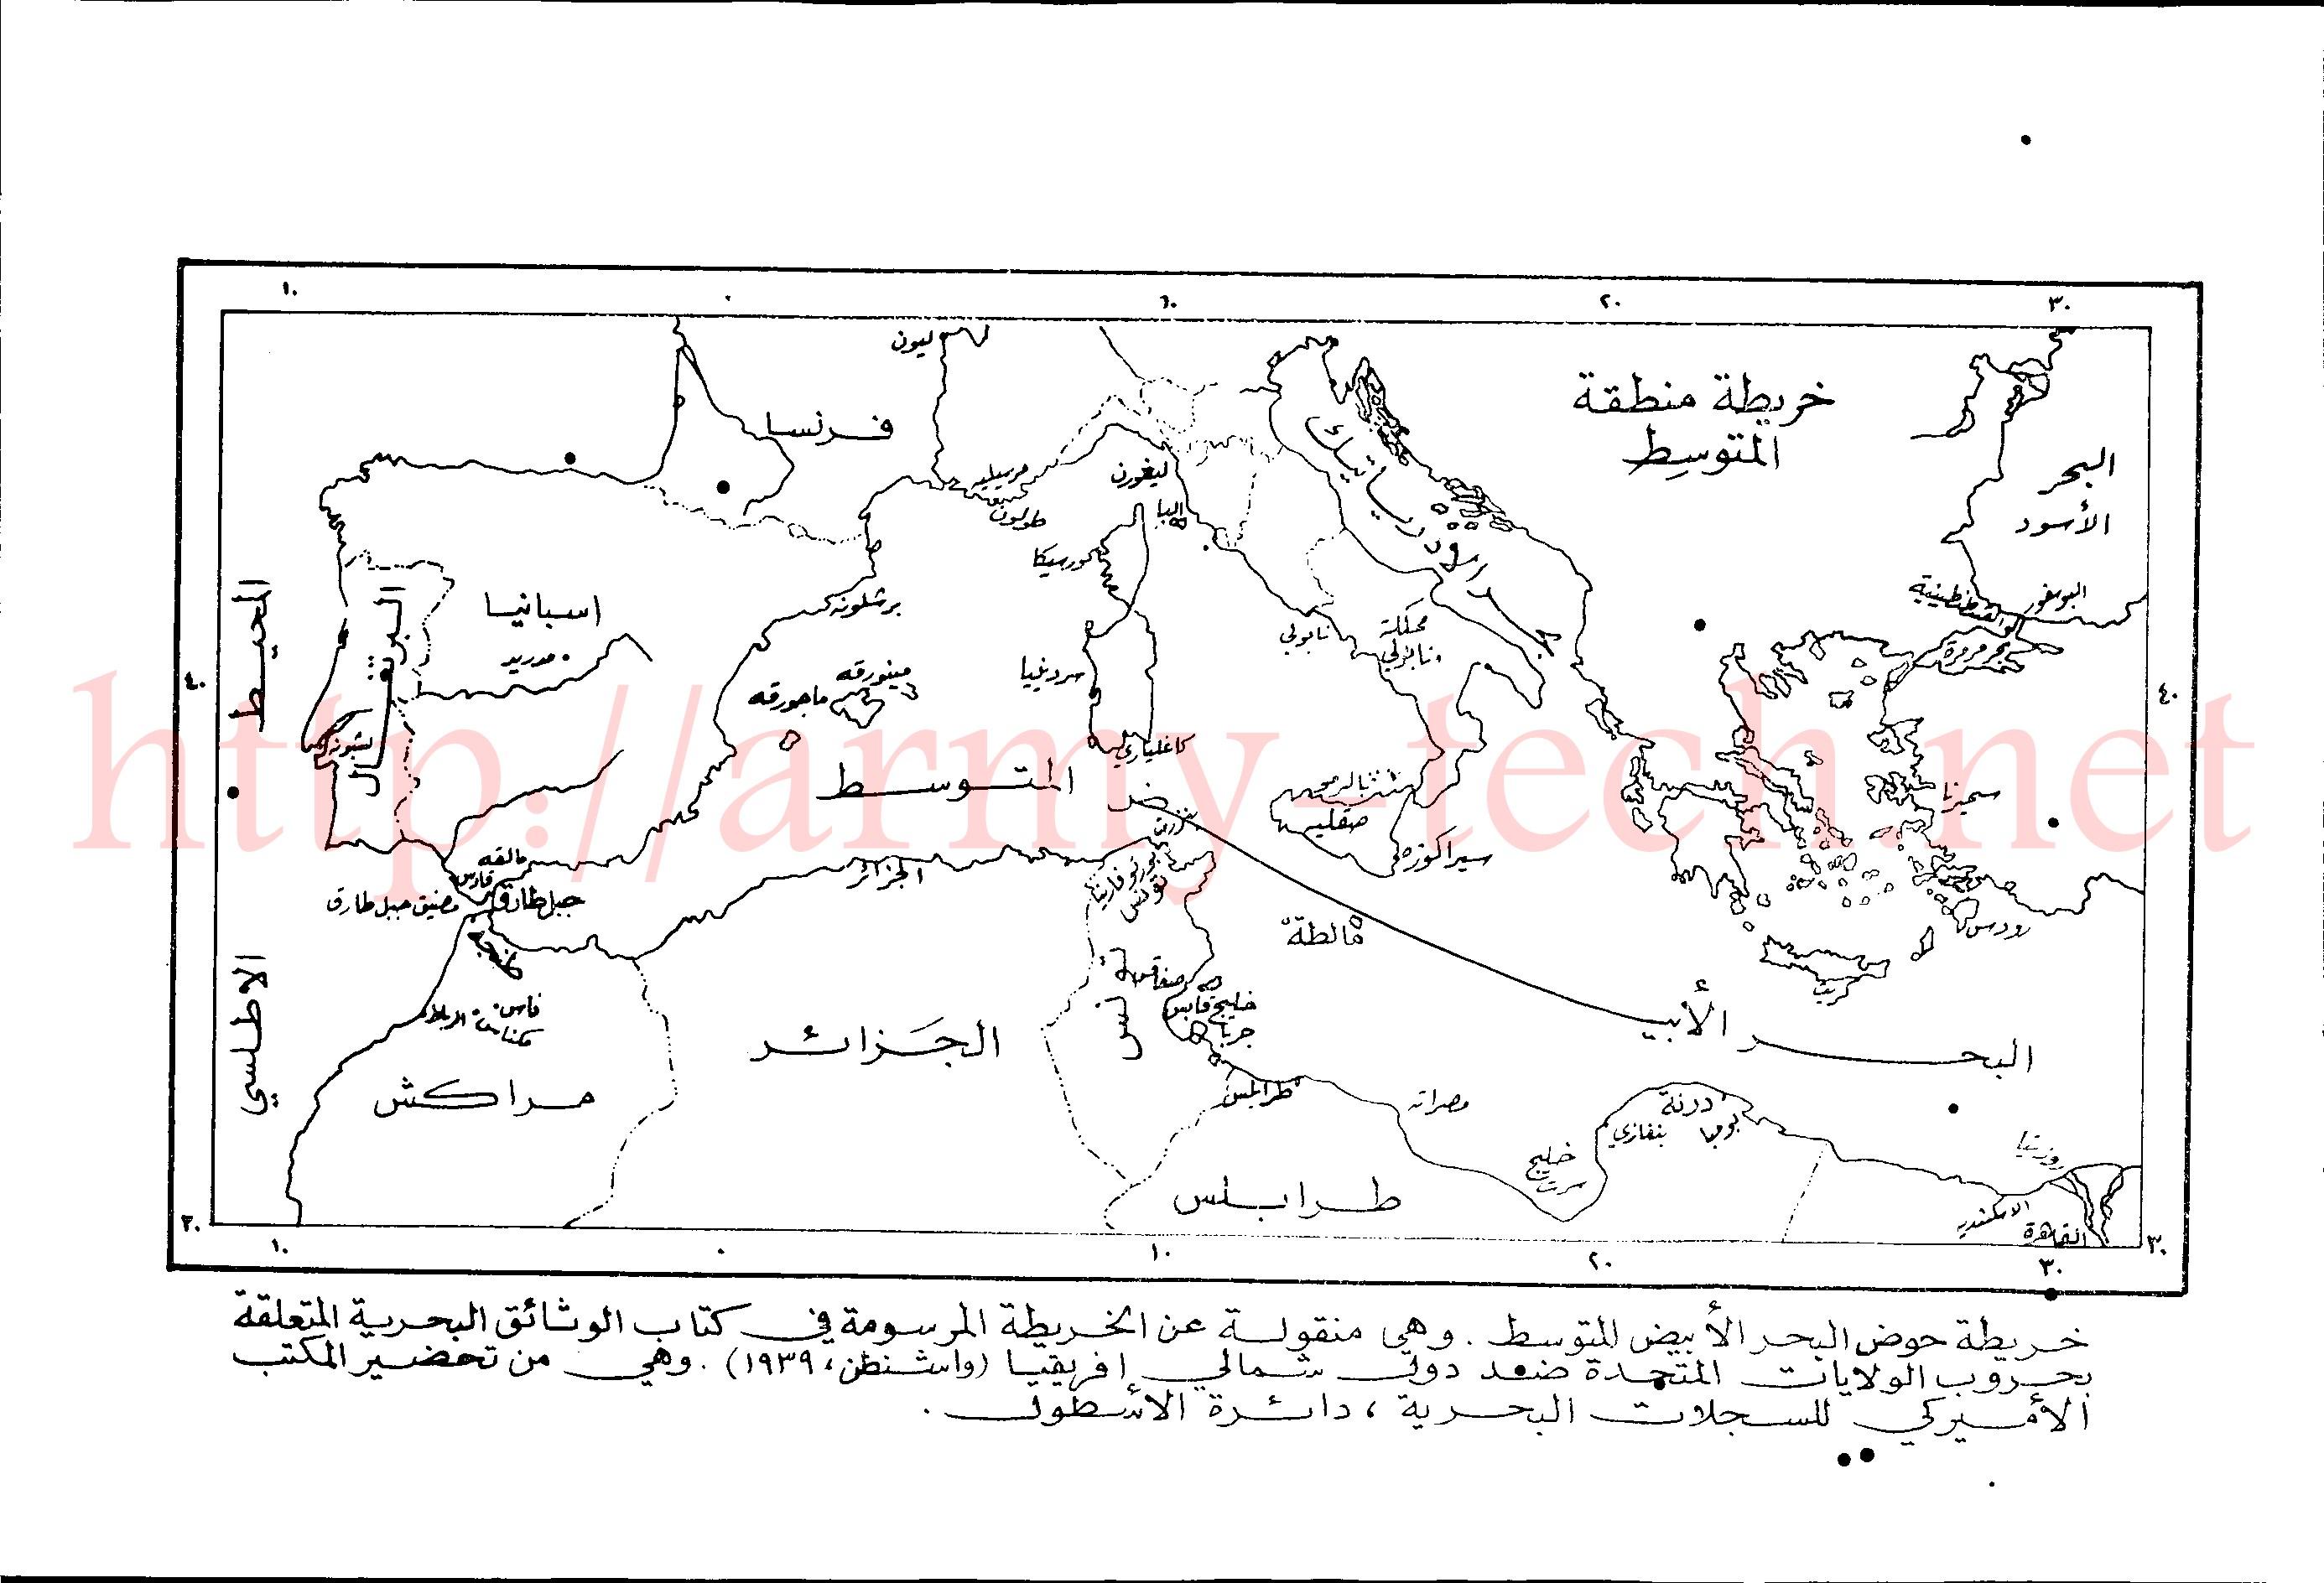 الحملات الامريكية على شمالي افريقيا خريطة مراكش_49.jpg